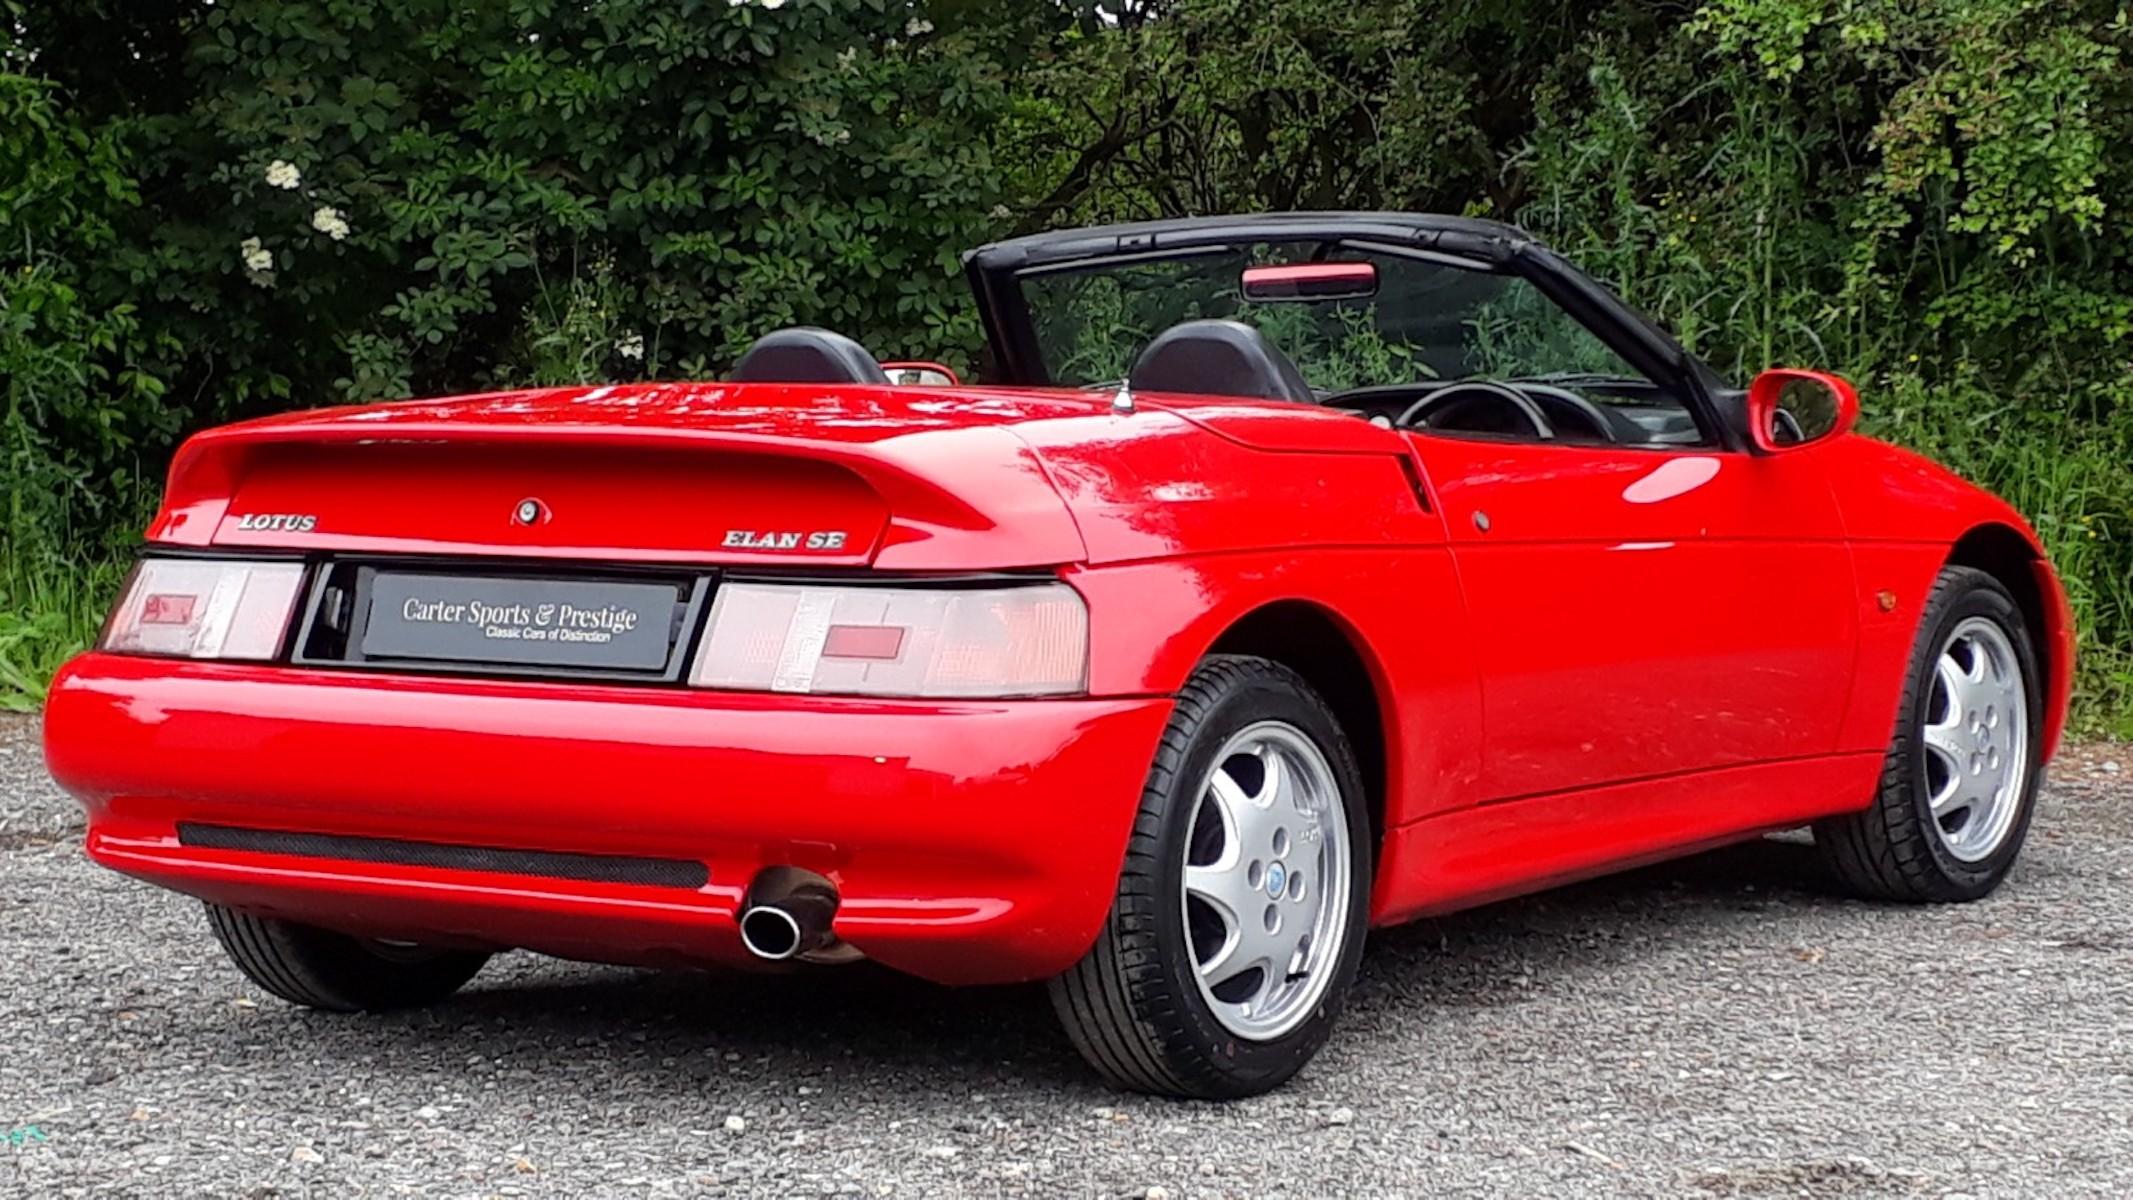 Lotus Elan SE Turbo £10,995